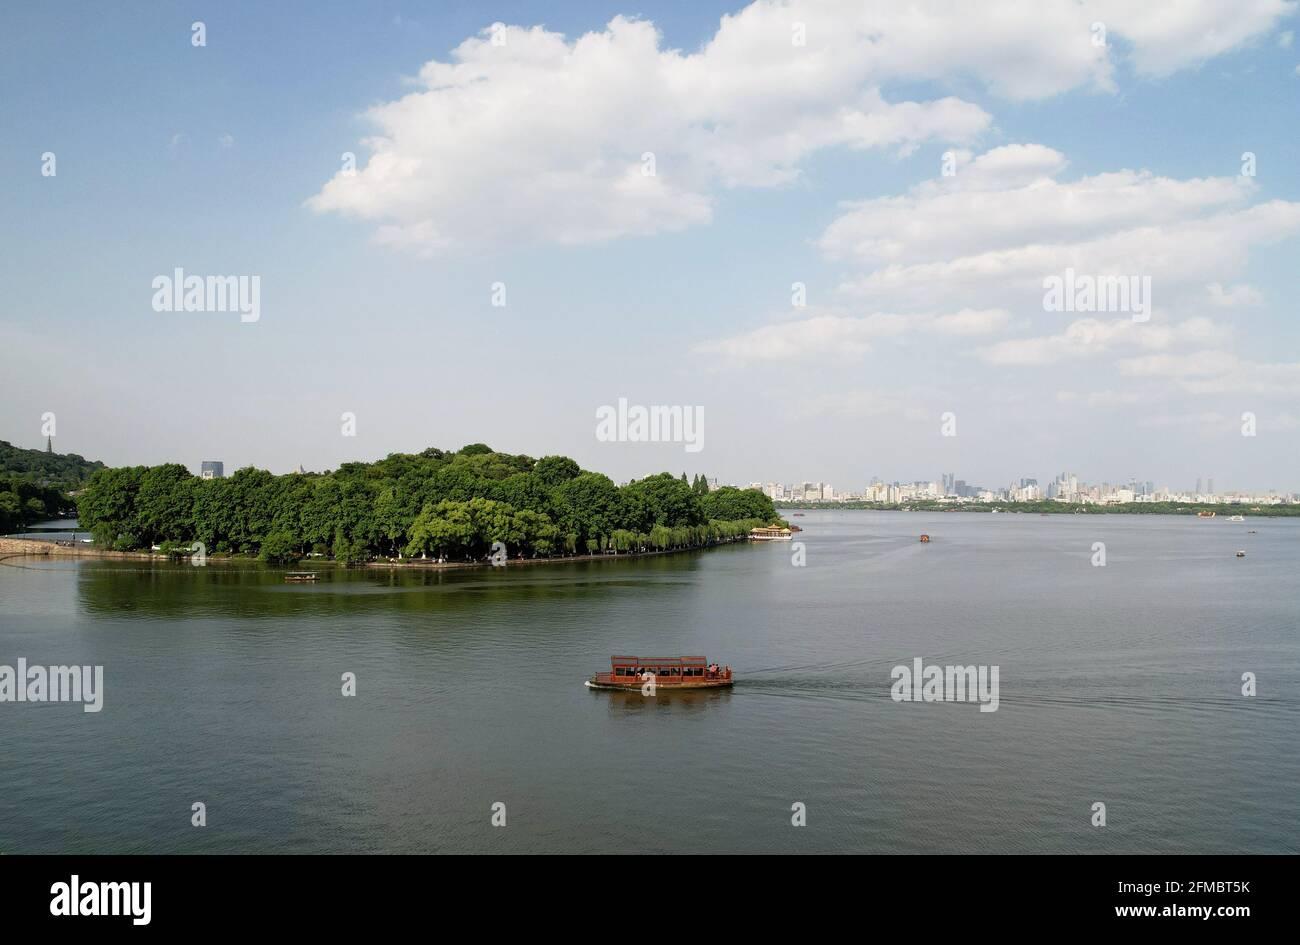 Hangzhou. 7th de mayo de 2021. Foto aérea tomada el 7 de mayo de 2021 muestra una vista de la zona escénica del Lago Oeste en Hangzhou, capital de la provincia de Zhejiang en China oriental. Crédito: Long Wei/Xinhua/Alamy Live News Foto de stock